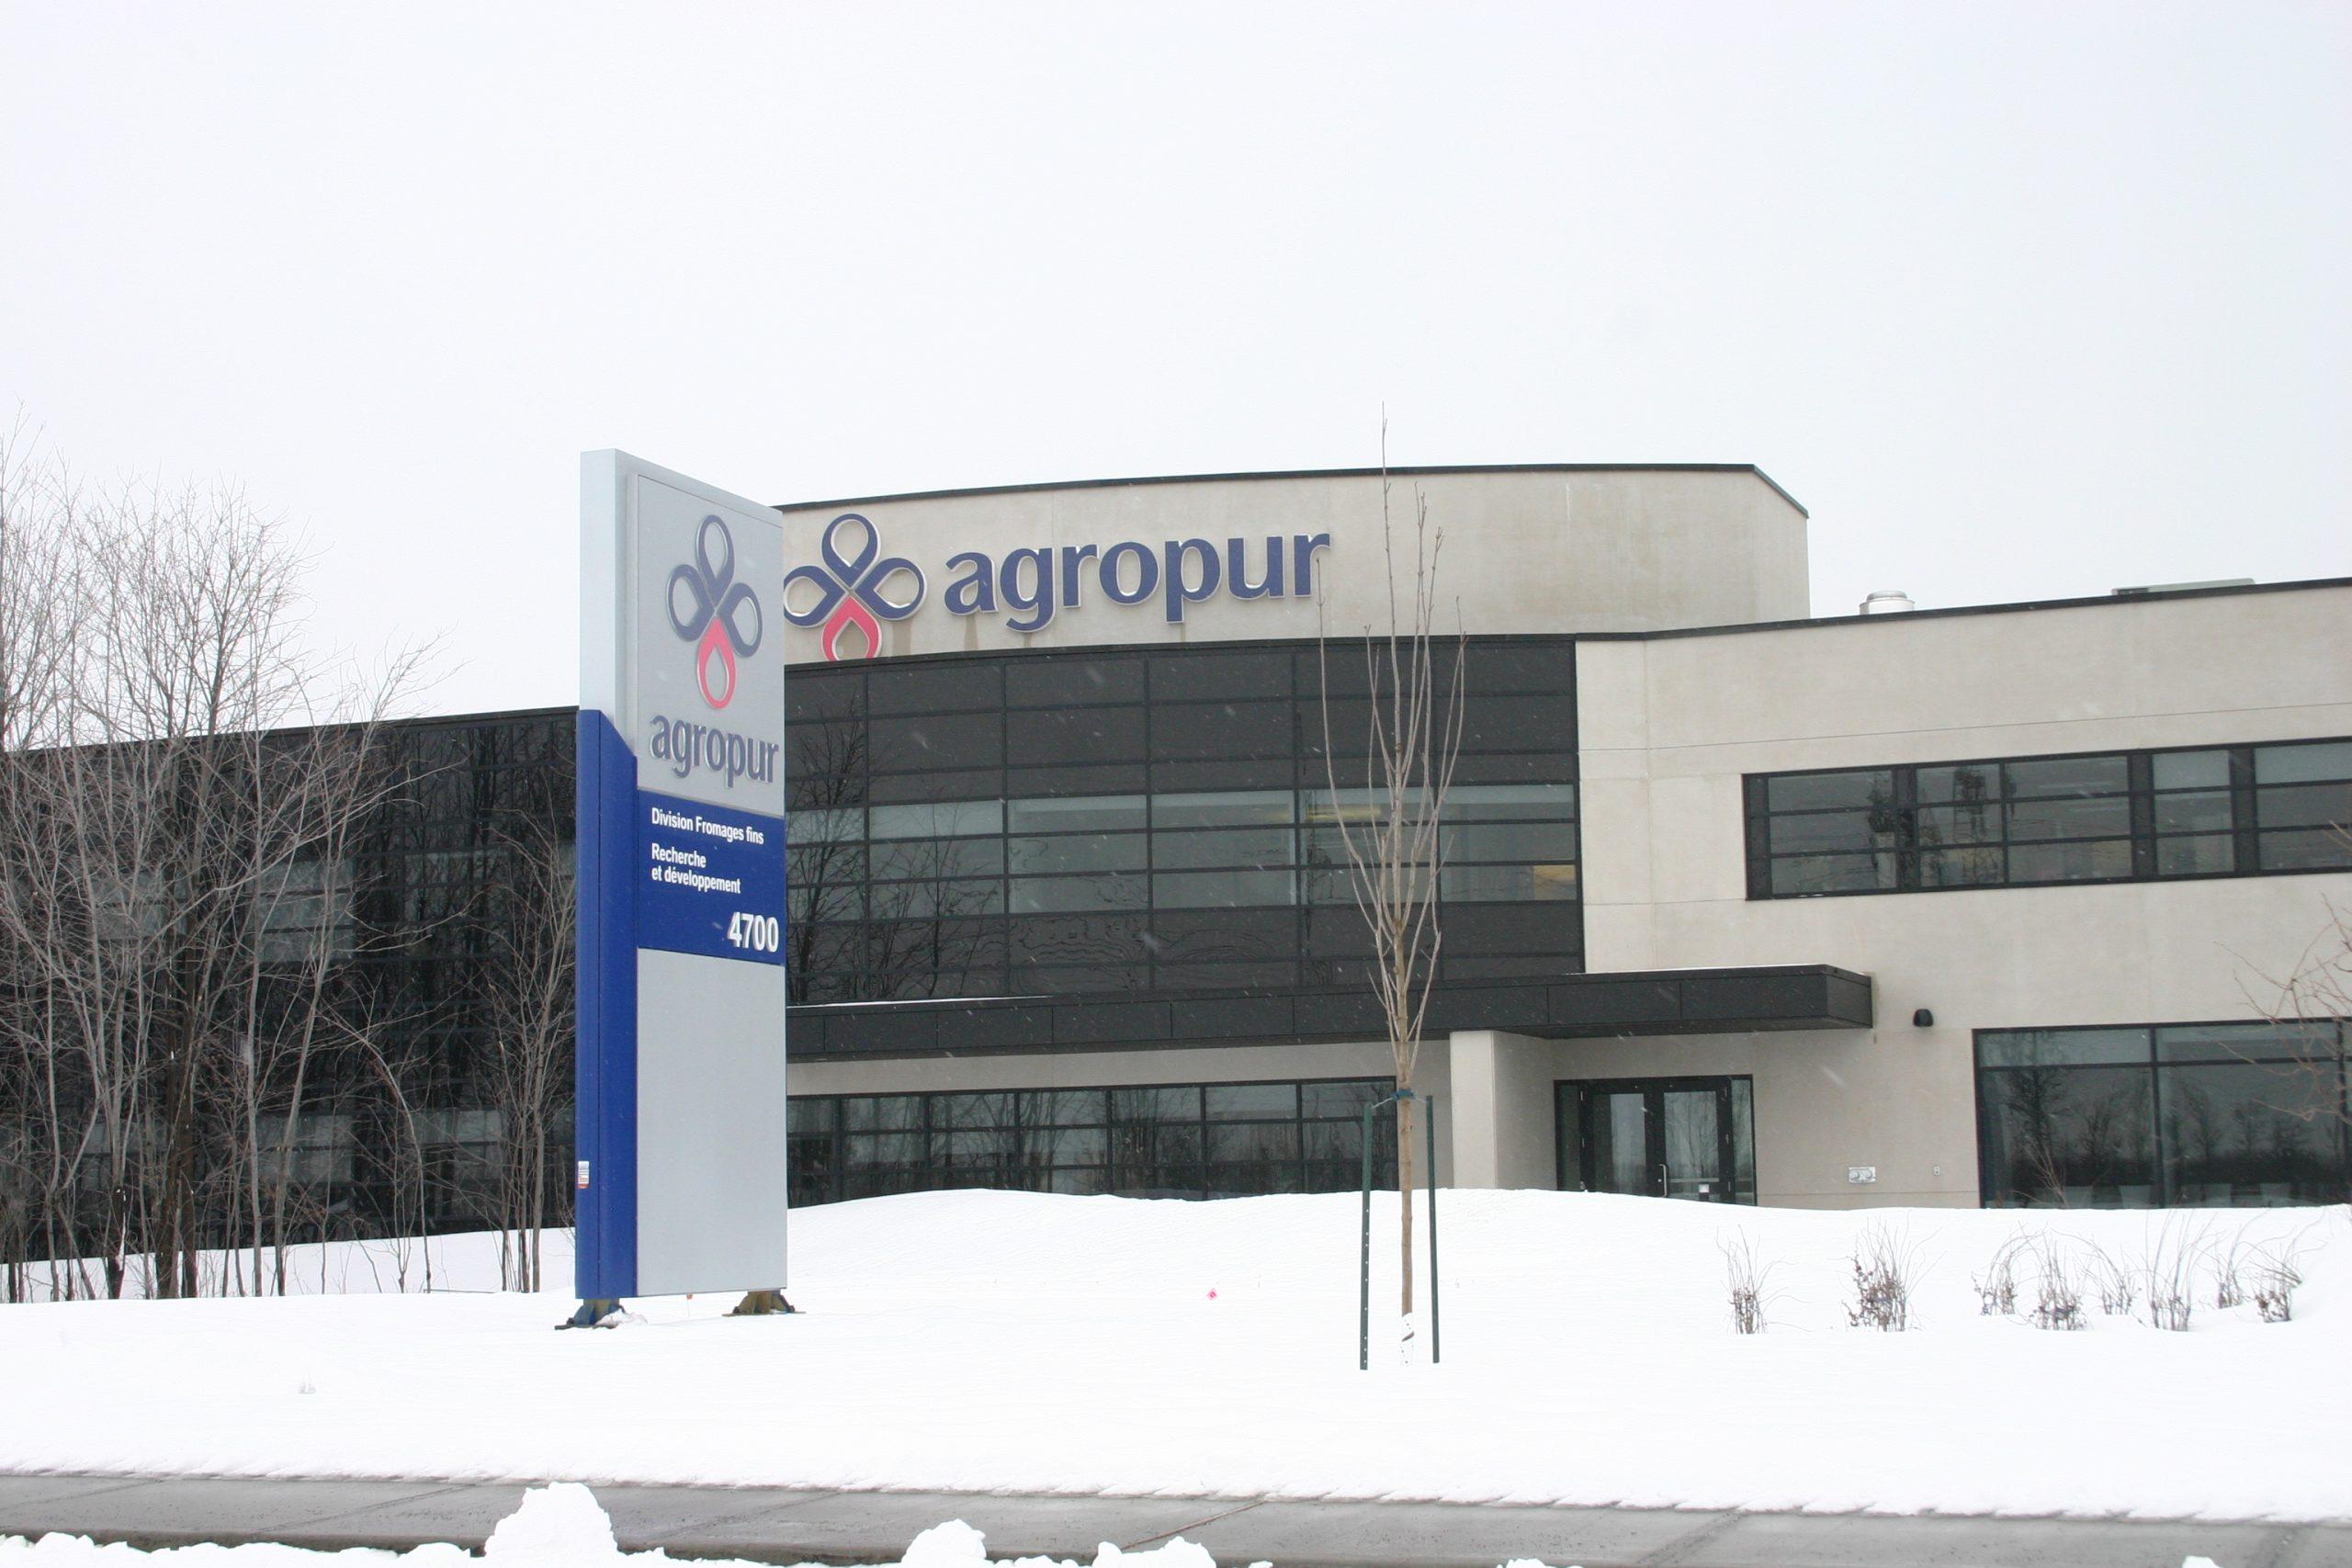 Agropur a accru ses ventes de 10 % en 2019. Photo : Archives/TCN